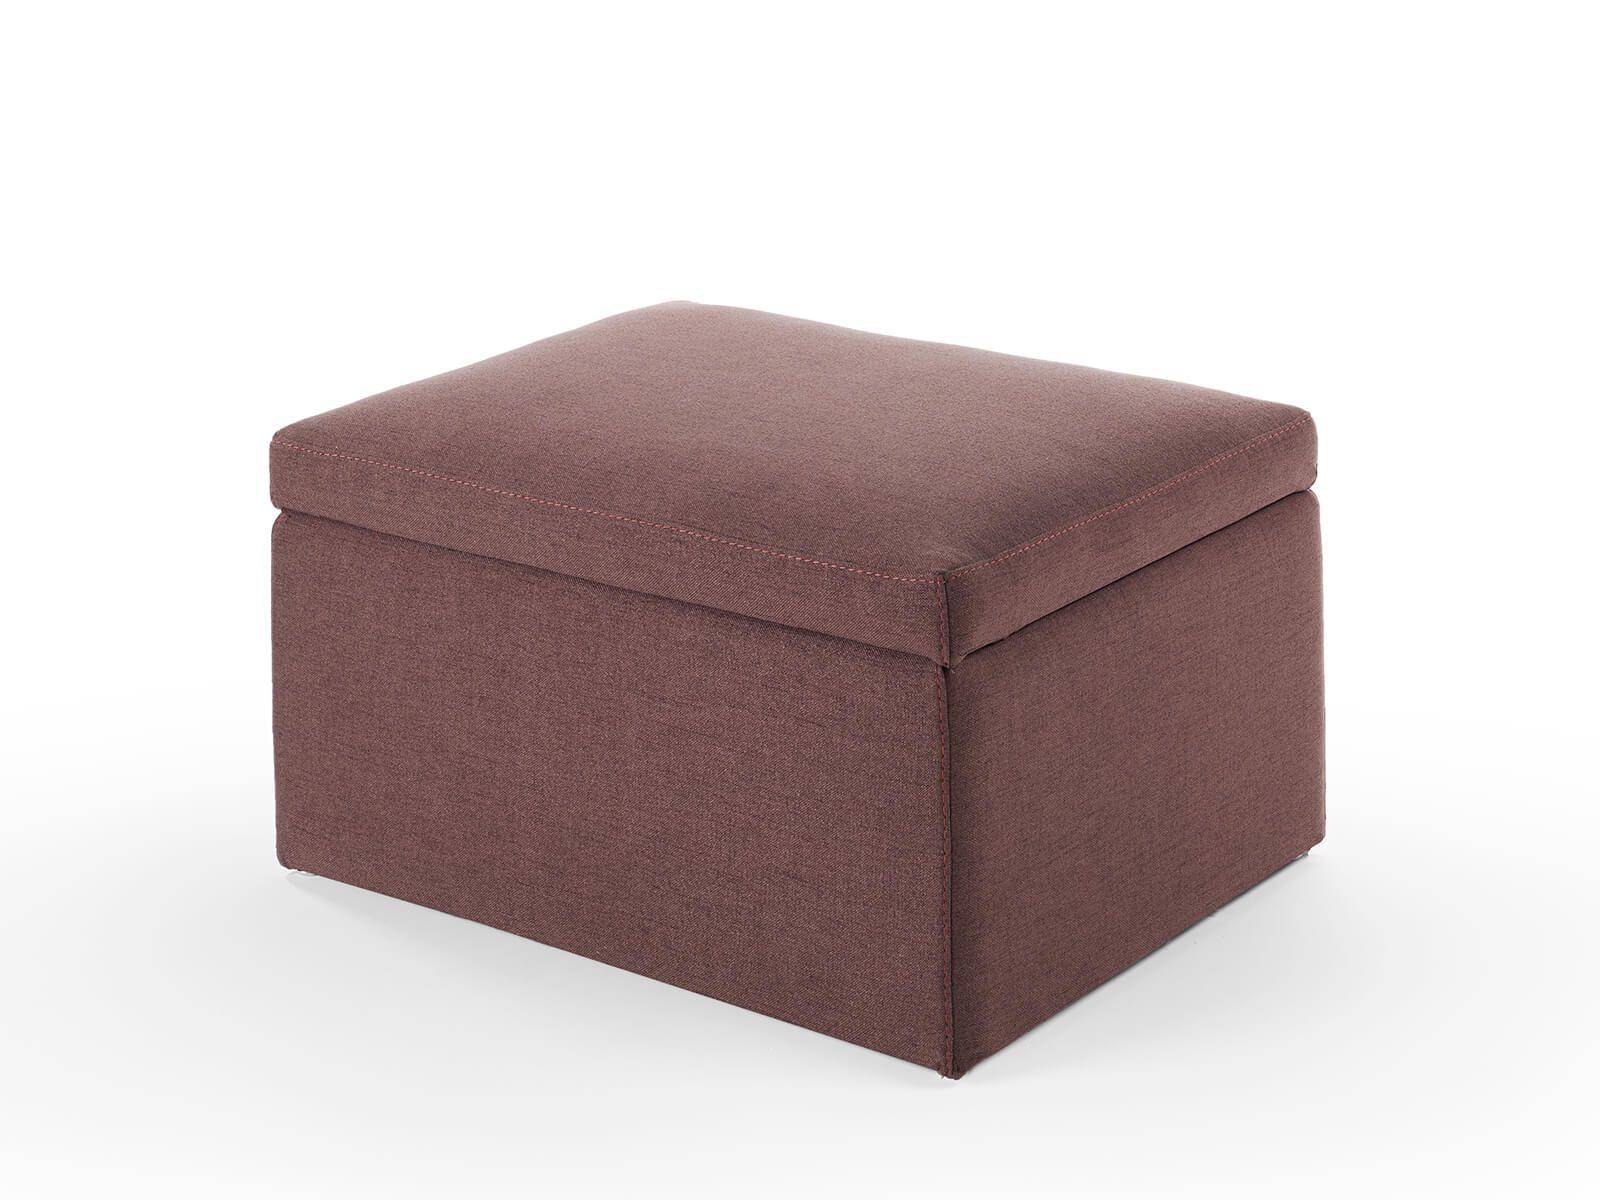 Vendita accessori divani letto - pouf fisso